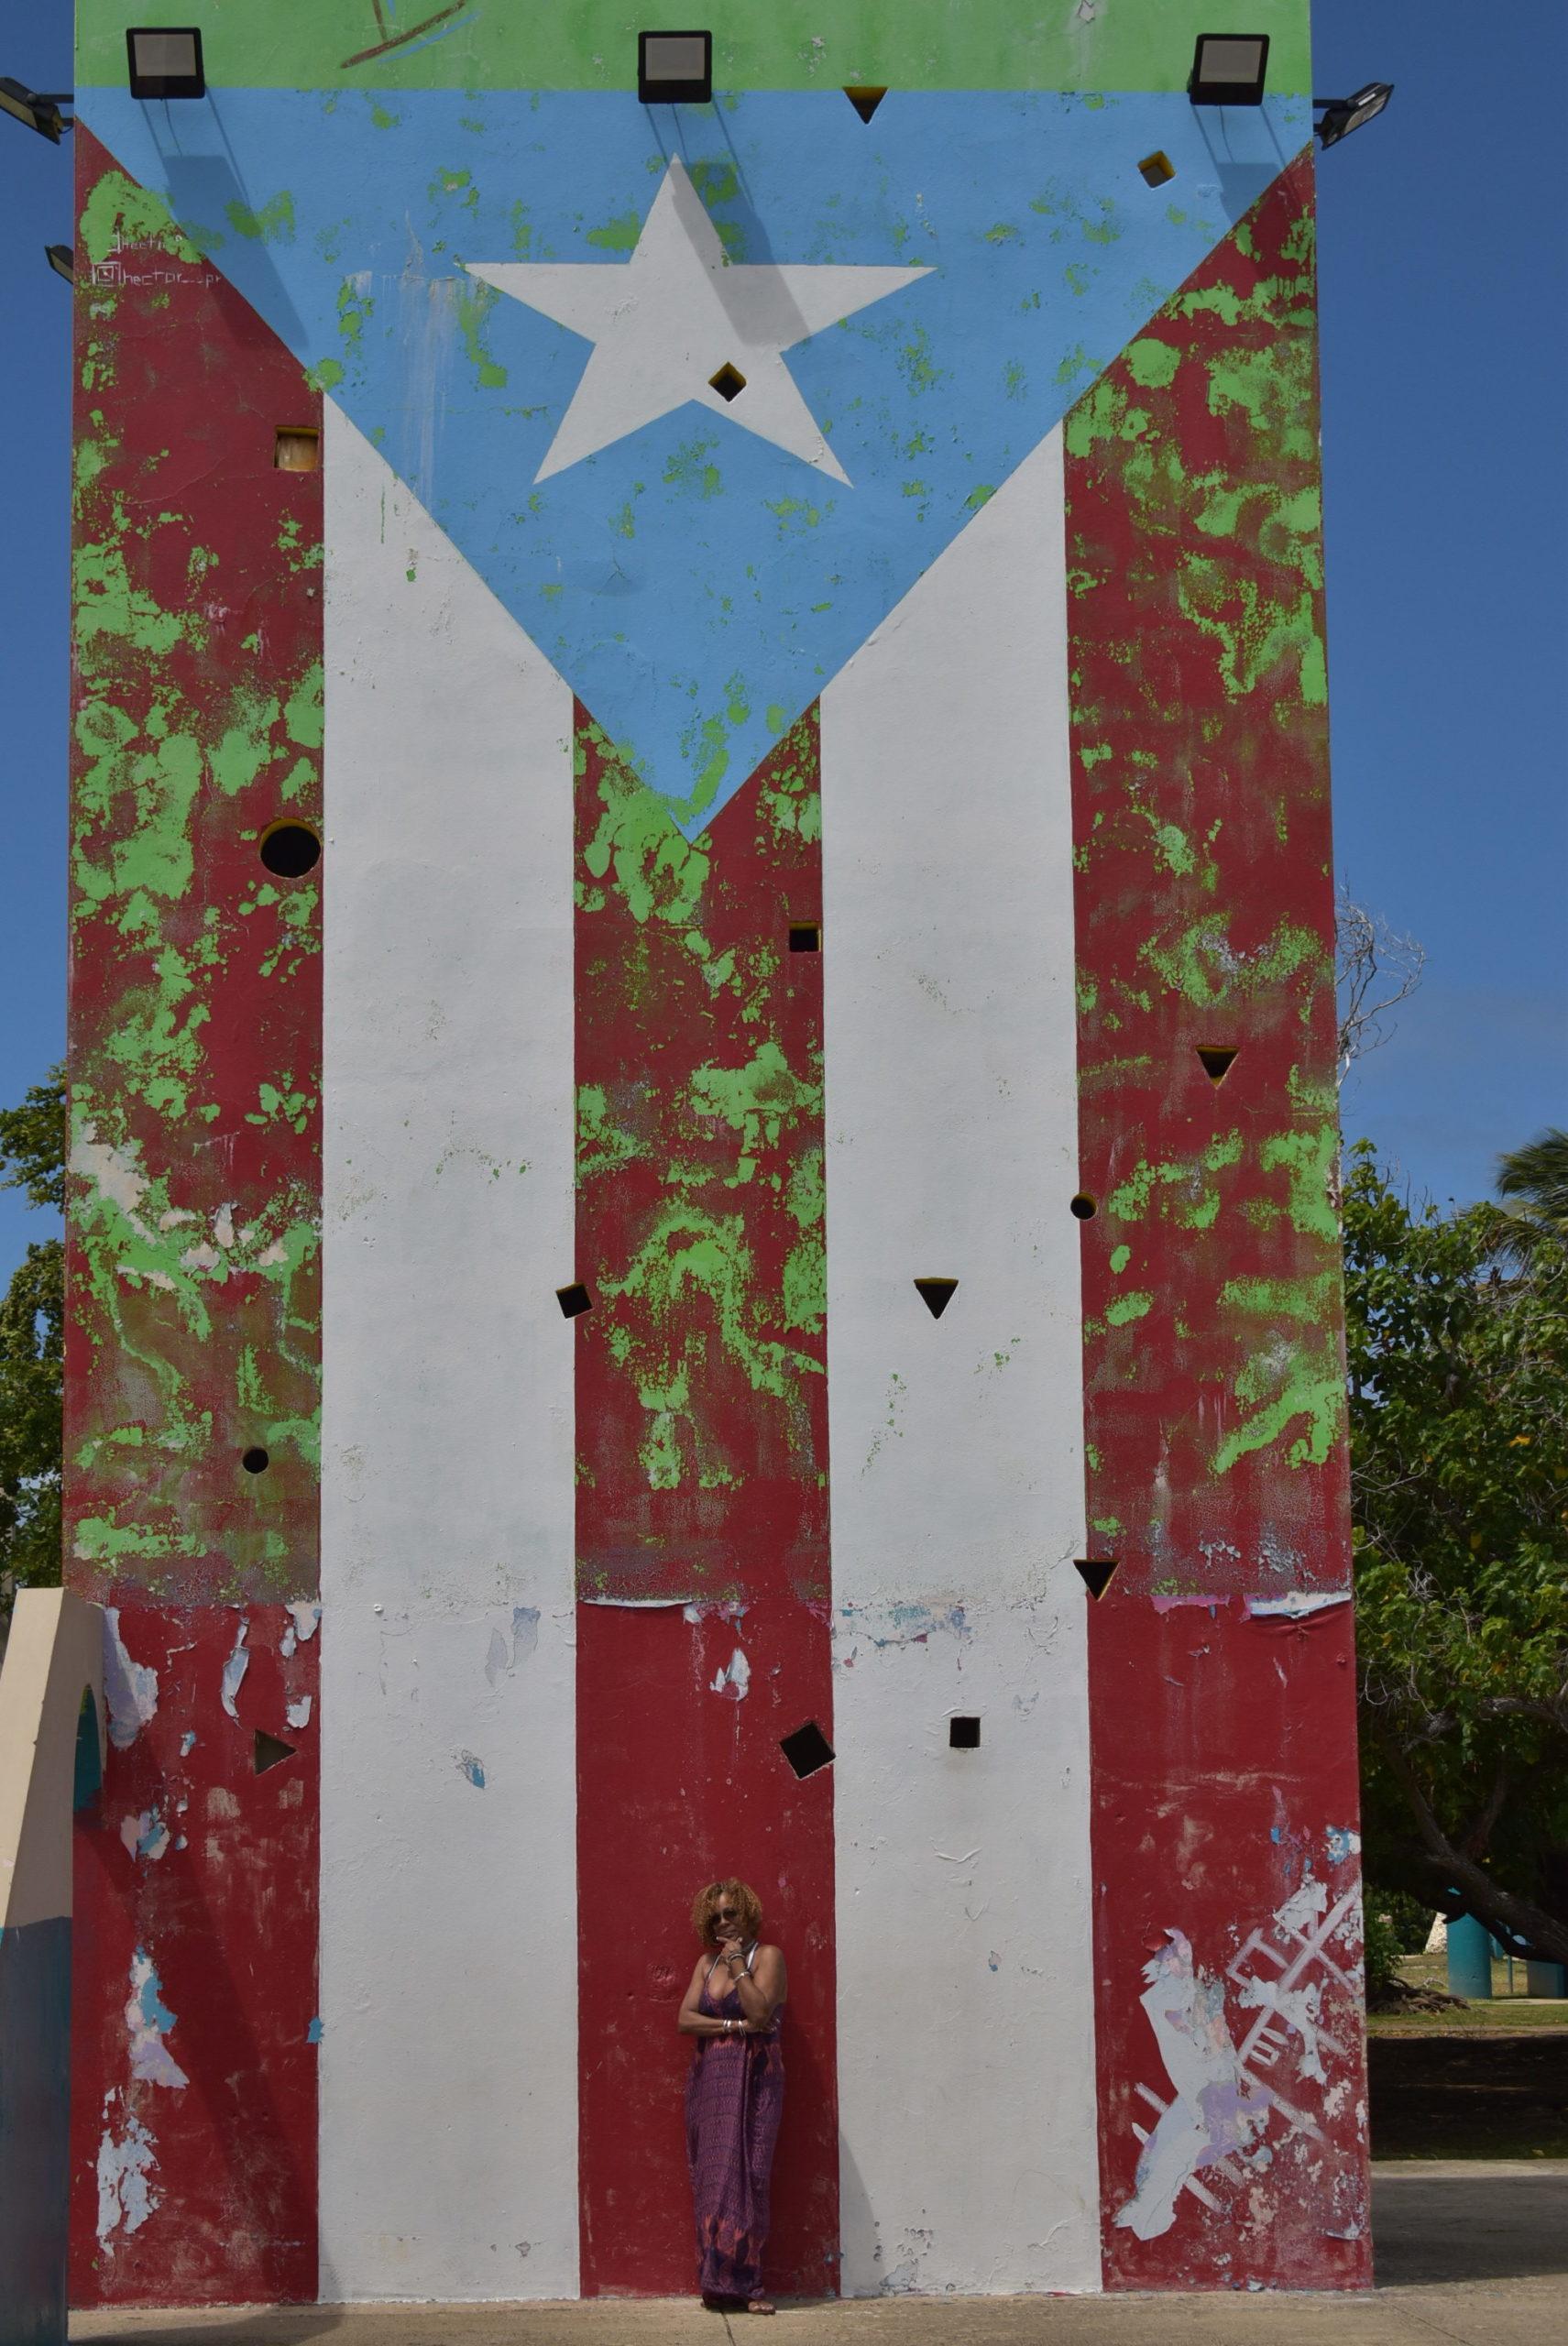 78 Pueblos y 1 Bandera #35